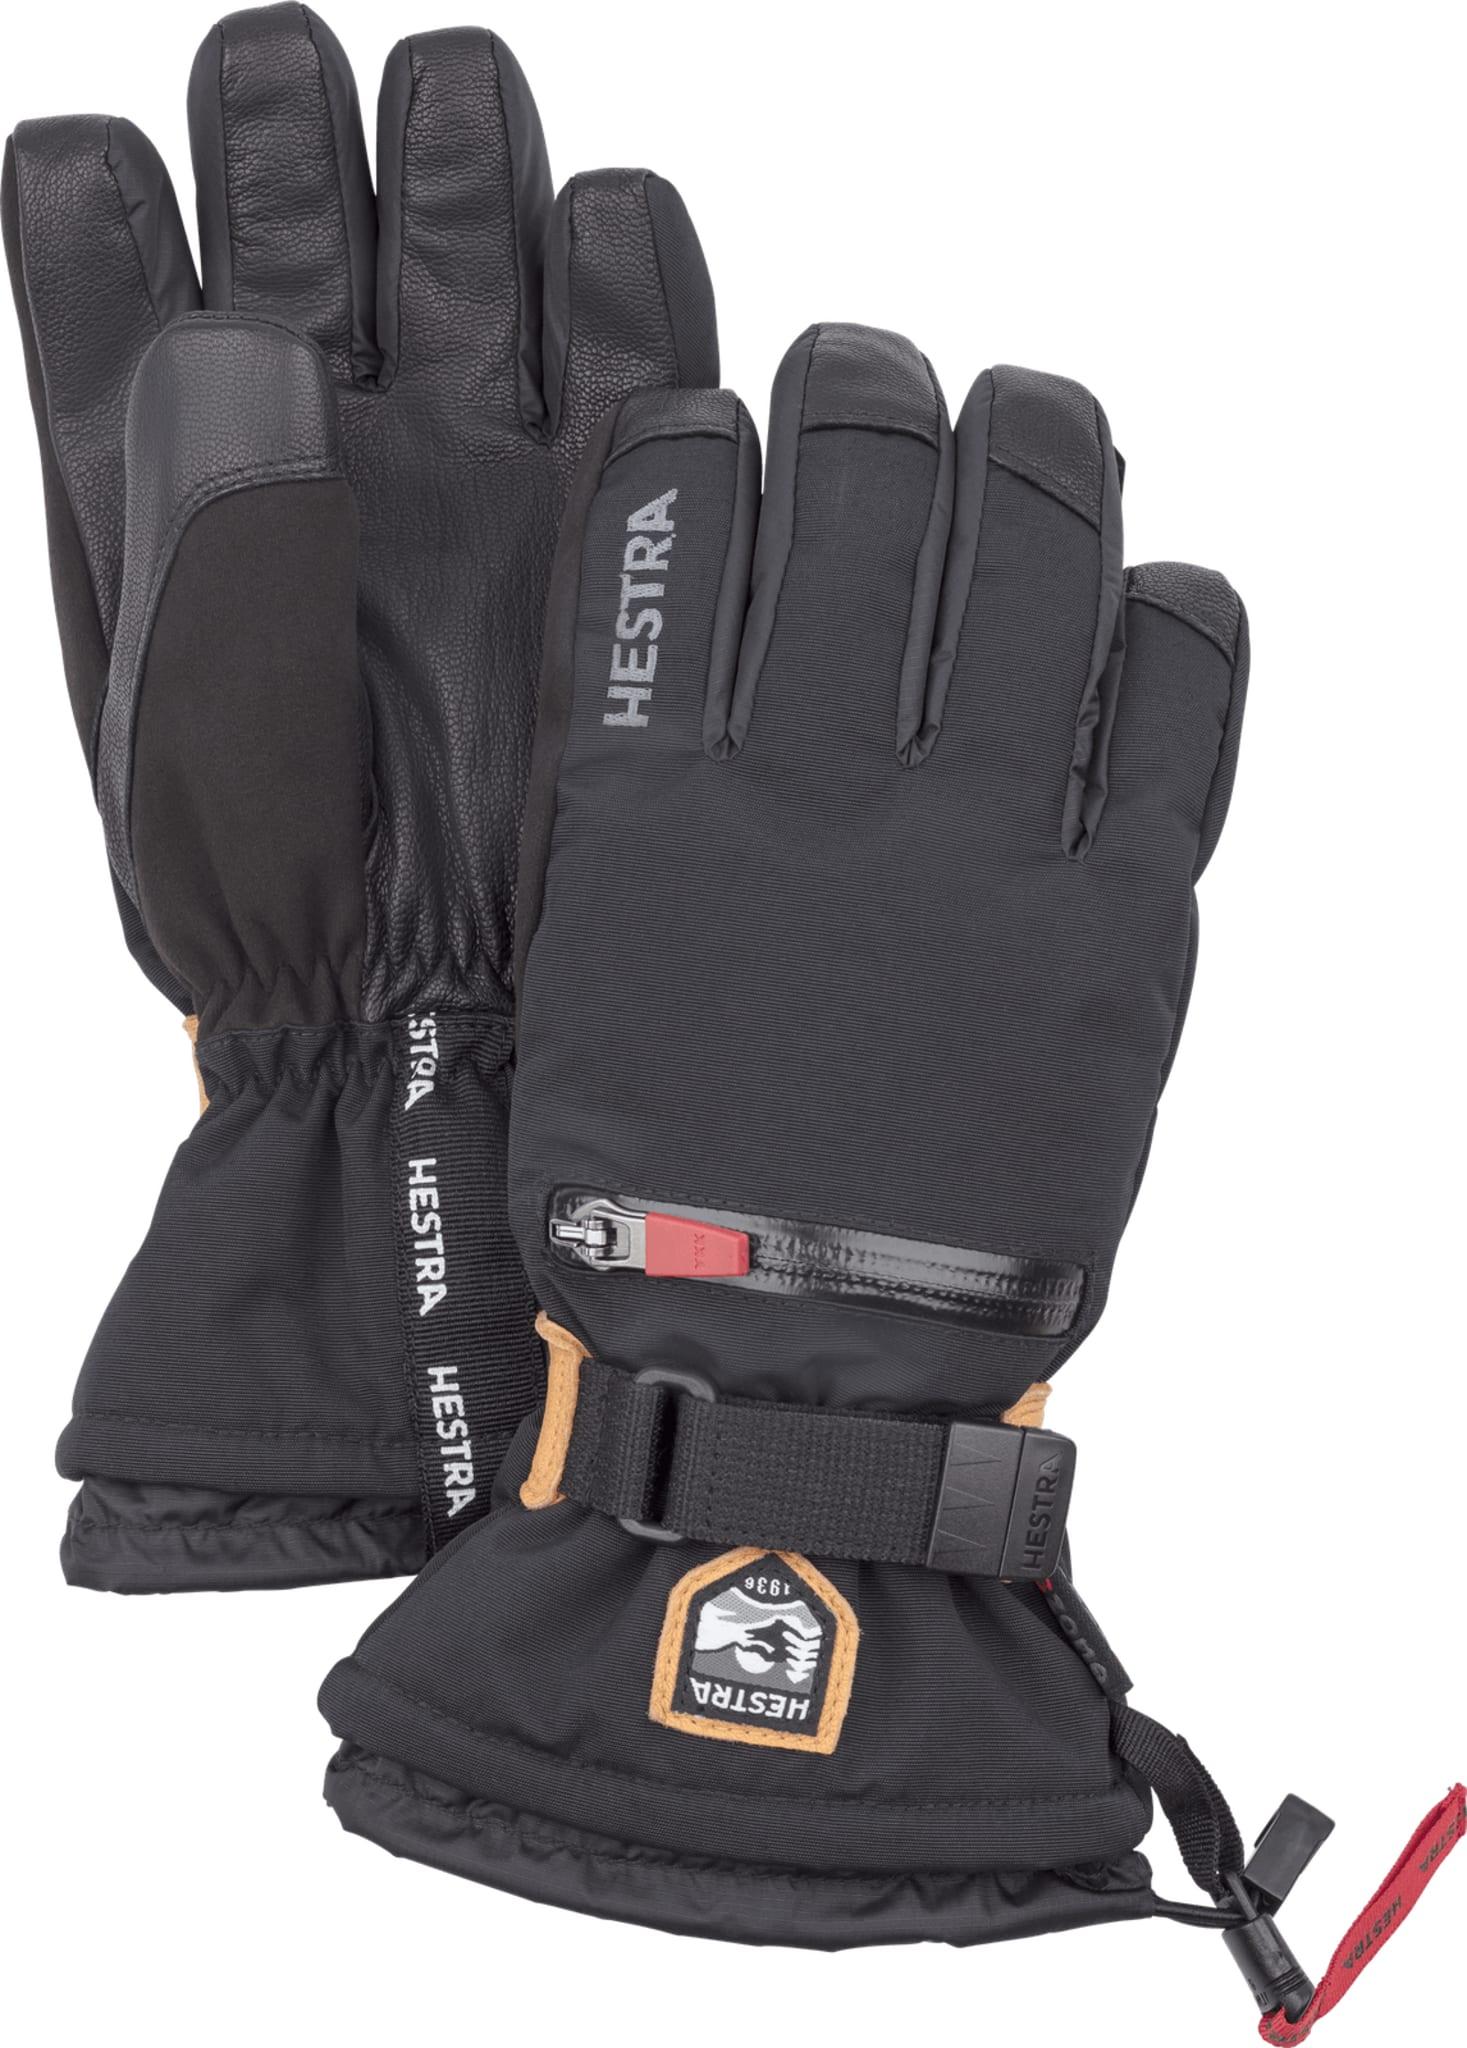 Varme og vanntette hansker med god lukking